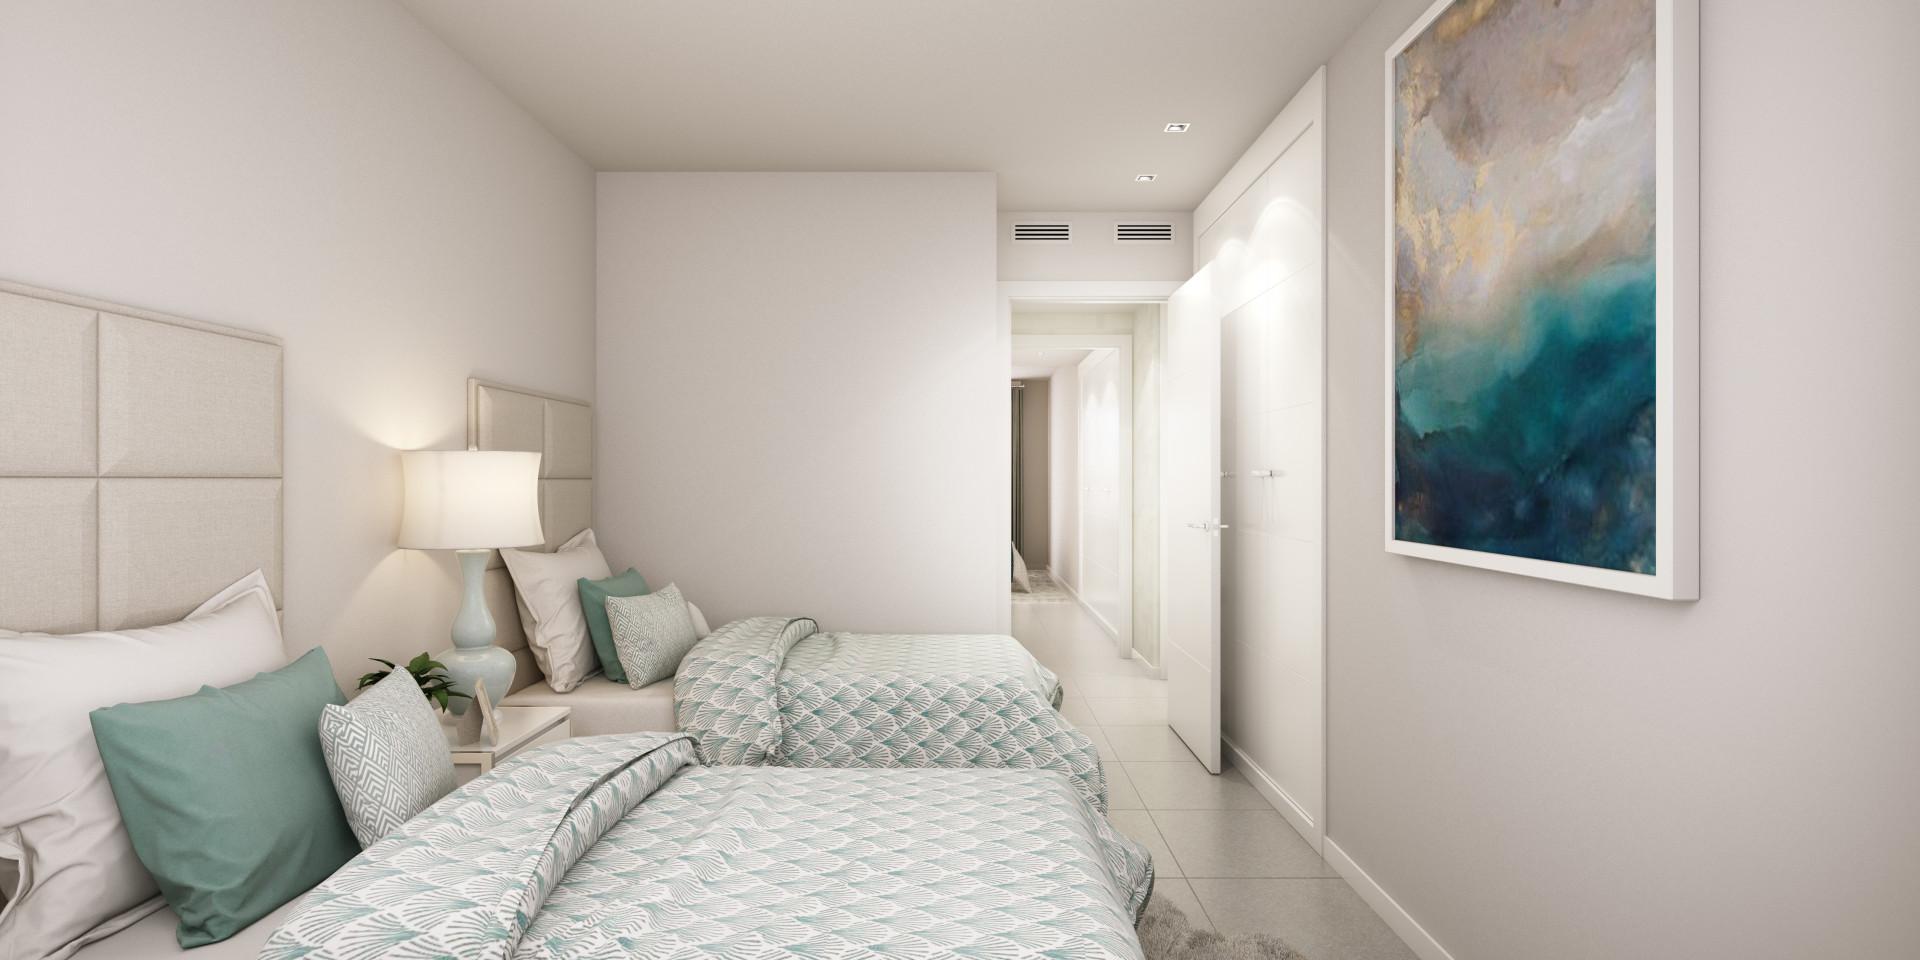 MEEST RECENTE INTRODUCTIE. Nieuwbouw appartementen in La Cala de Mijas.PL74